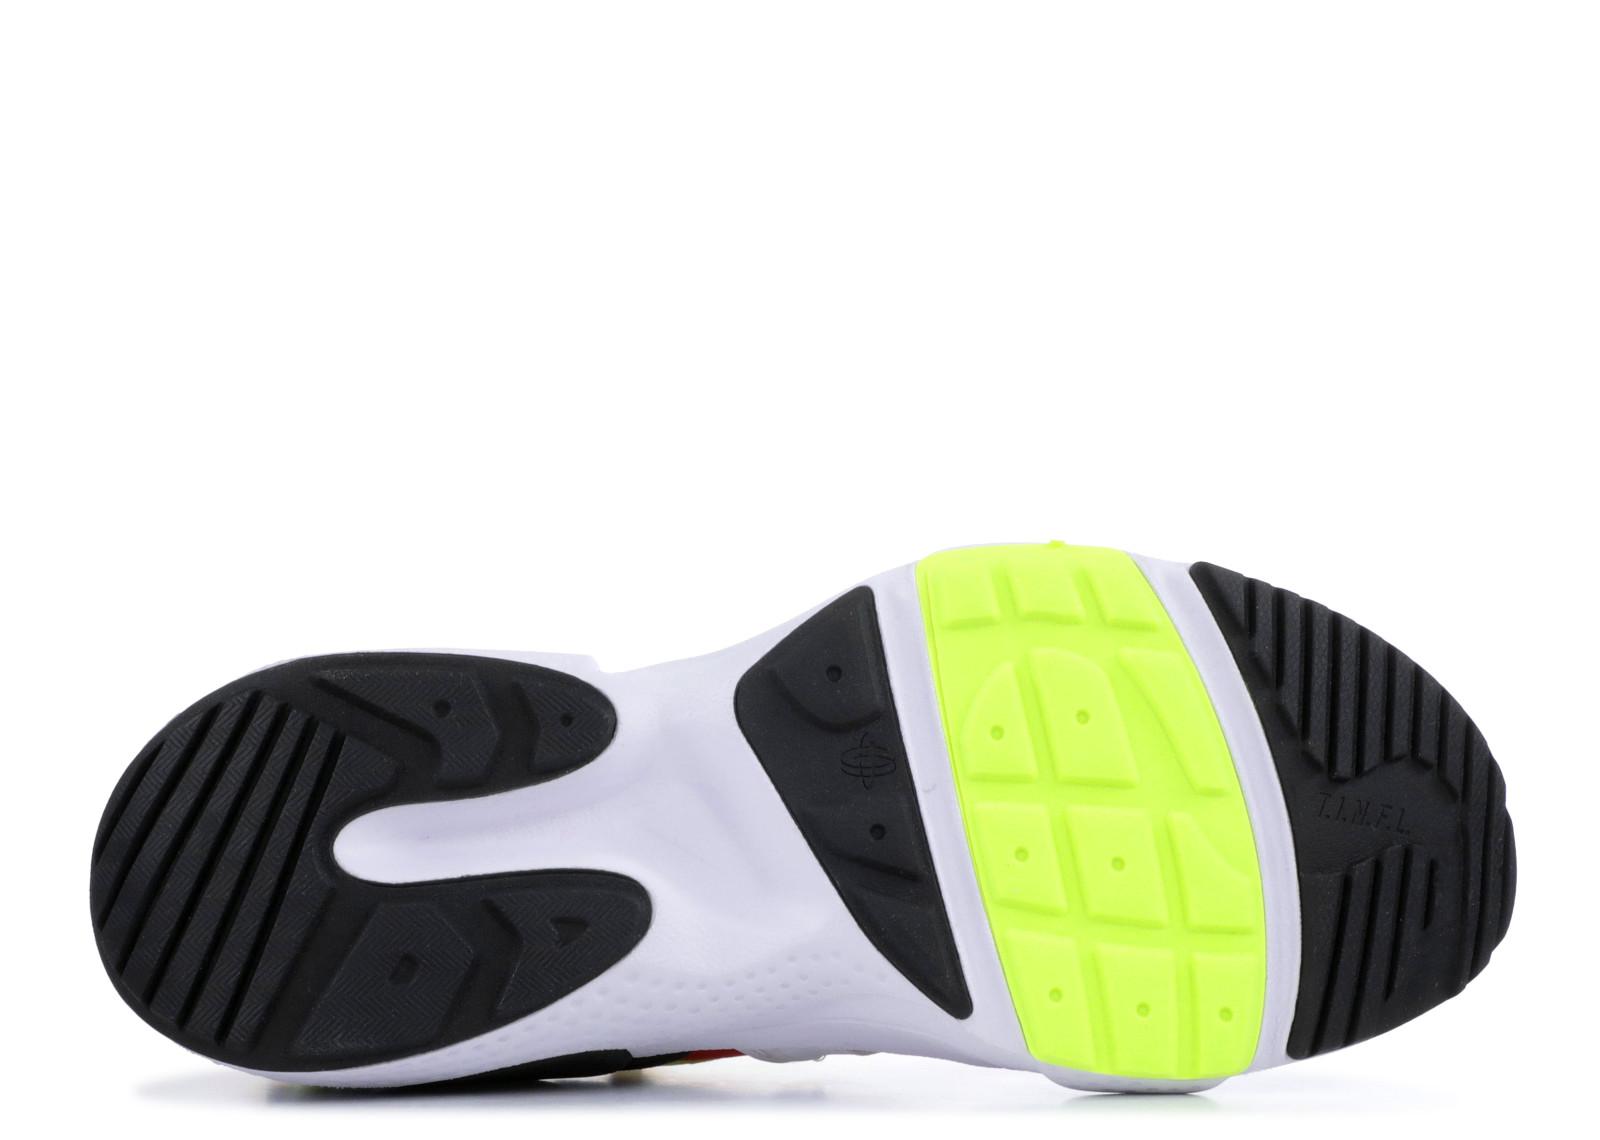 92788b9941dd Nike Huarache Edge Txt White University Red Volt Black - 4